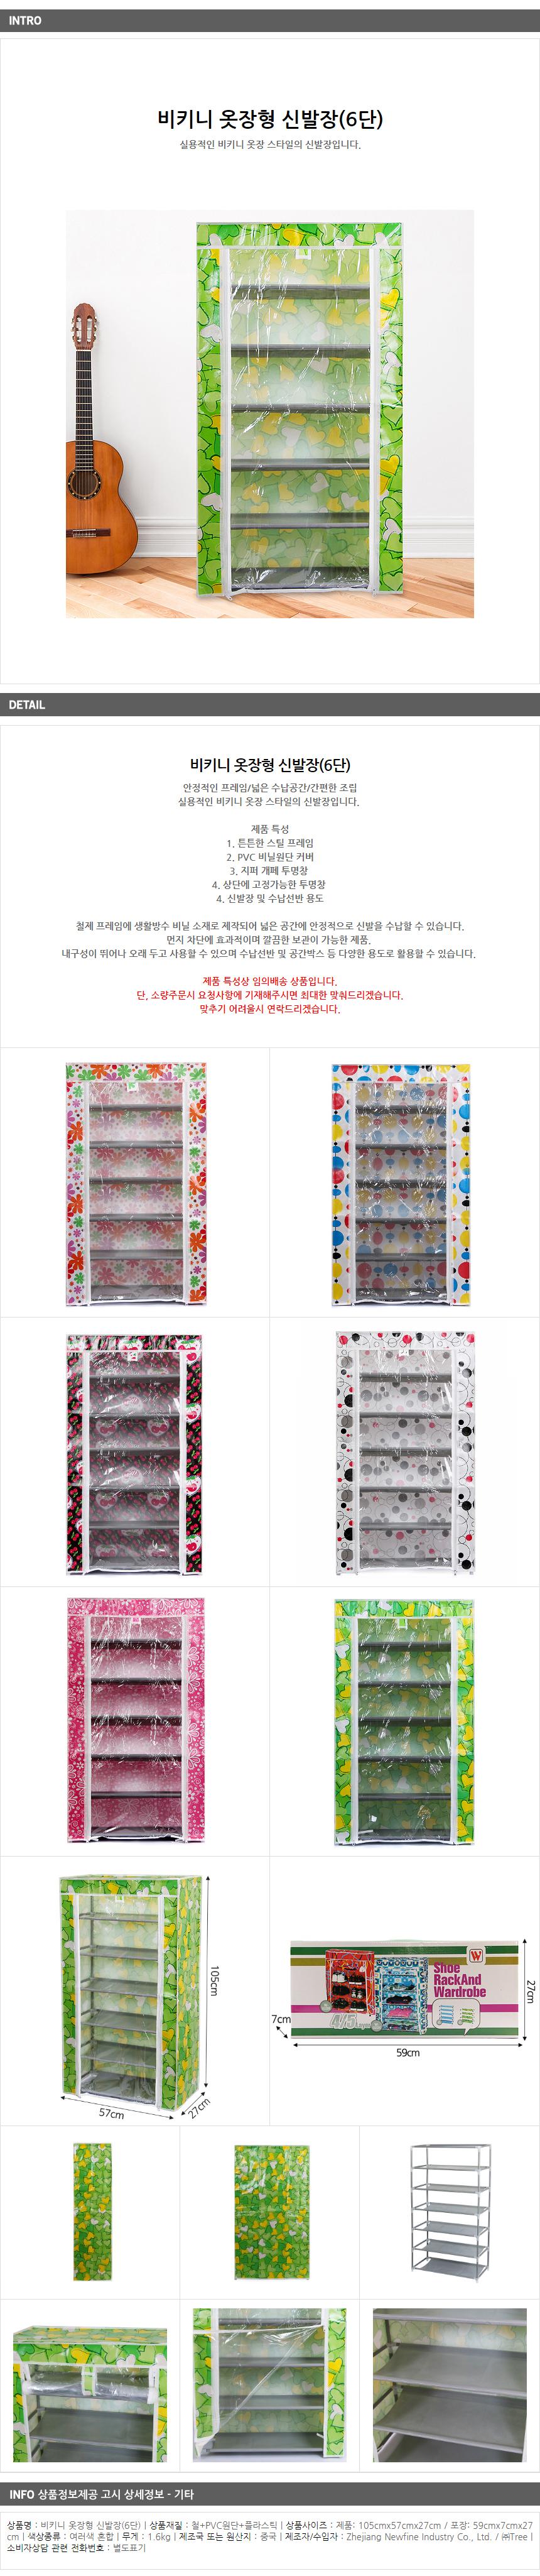 비키니 옷장형 신발장(6단)/신발수납장 신발정리대 - 기프트갓, 20,630원, 수납/선반장, 신발정리대/신발장